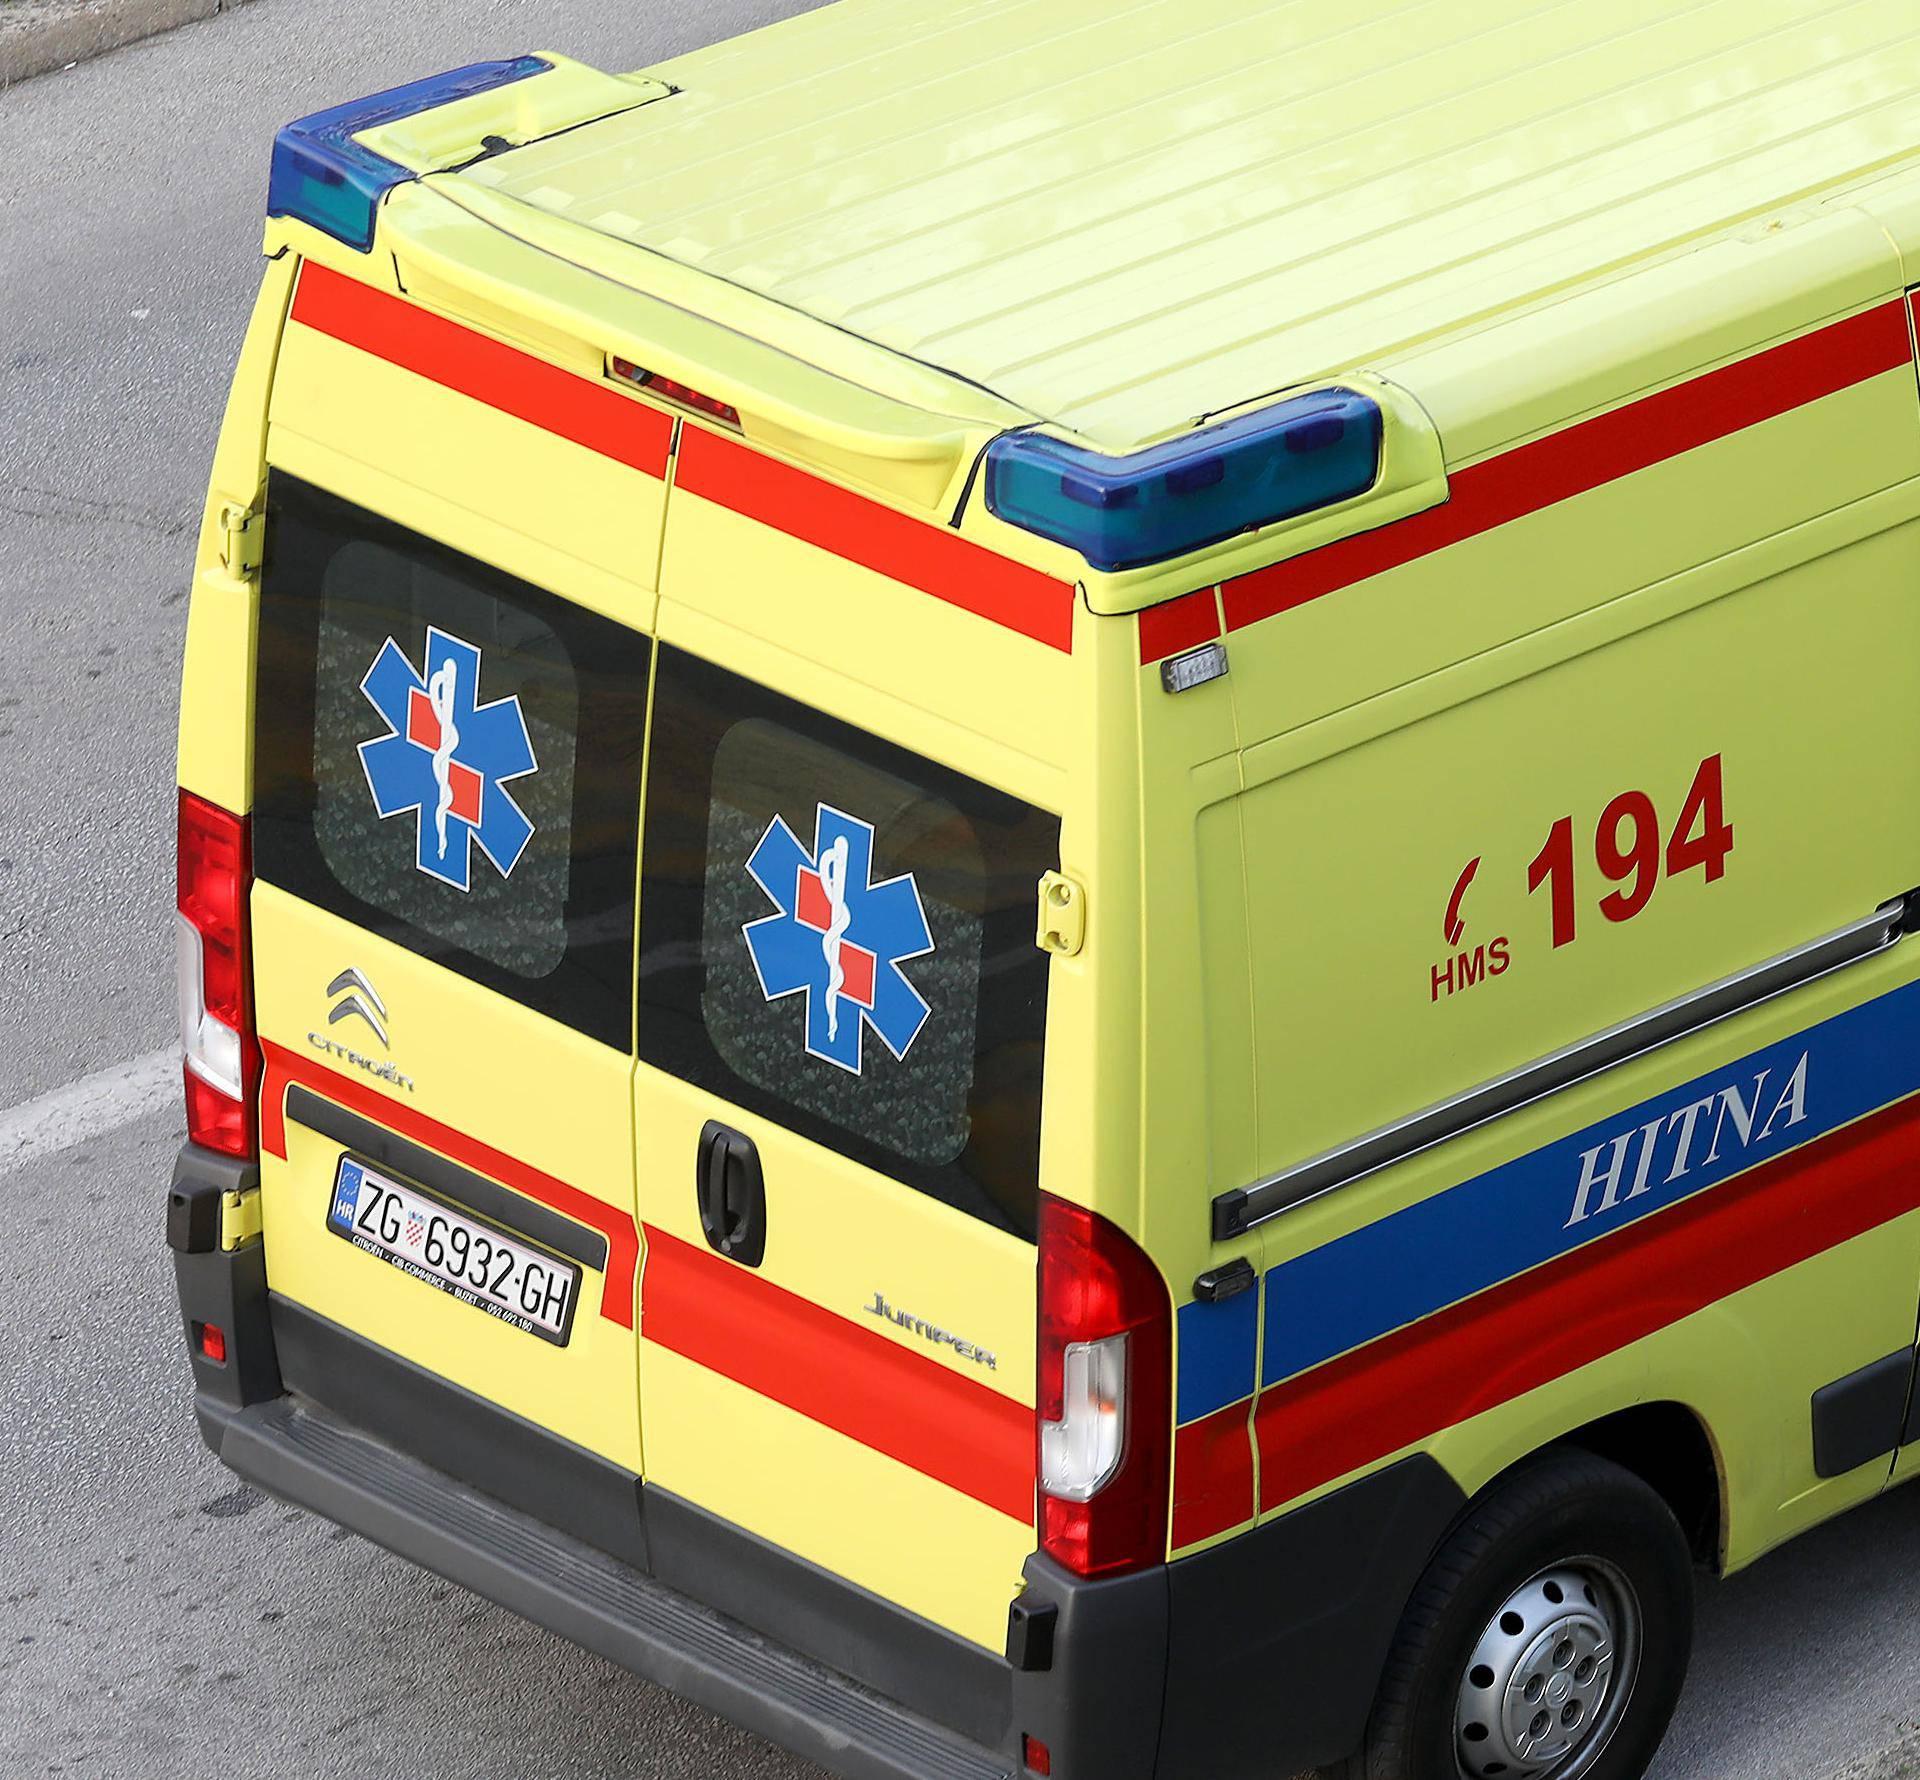 Makljaža usred Trogira: Muškarca prebacili u bolnicu nakon obračuna